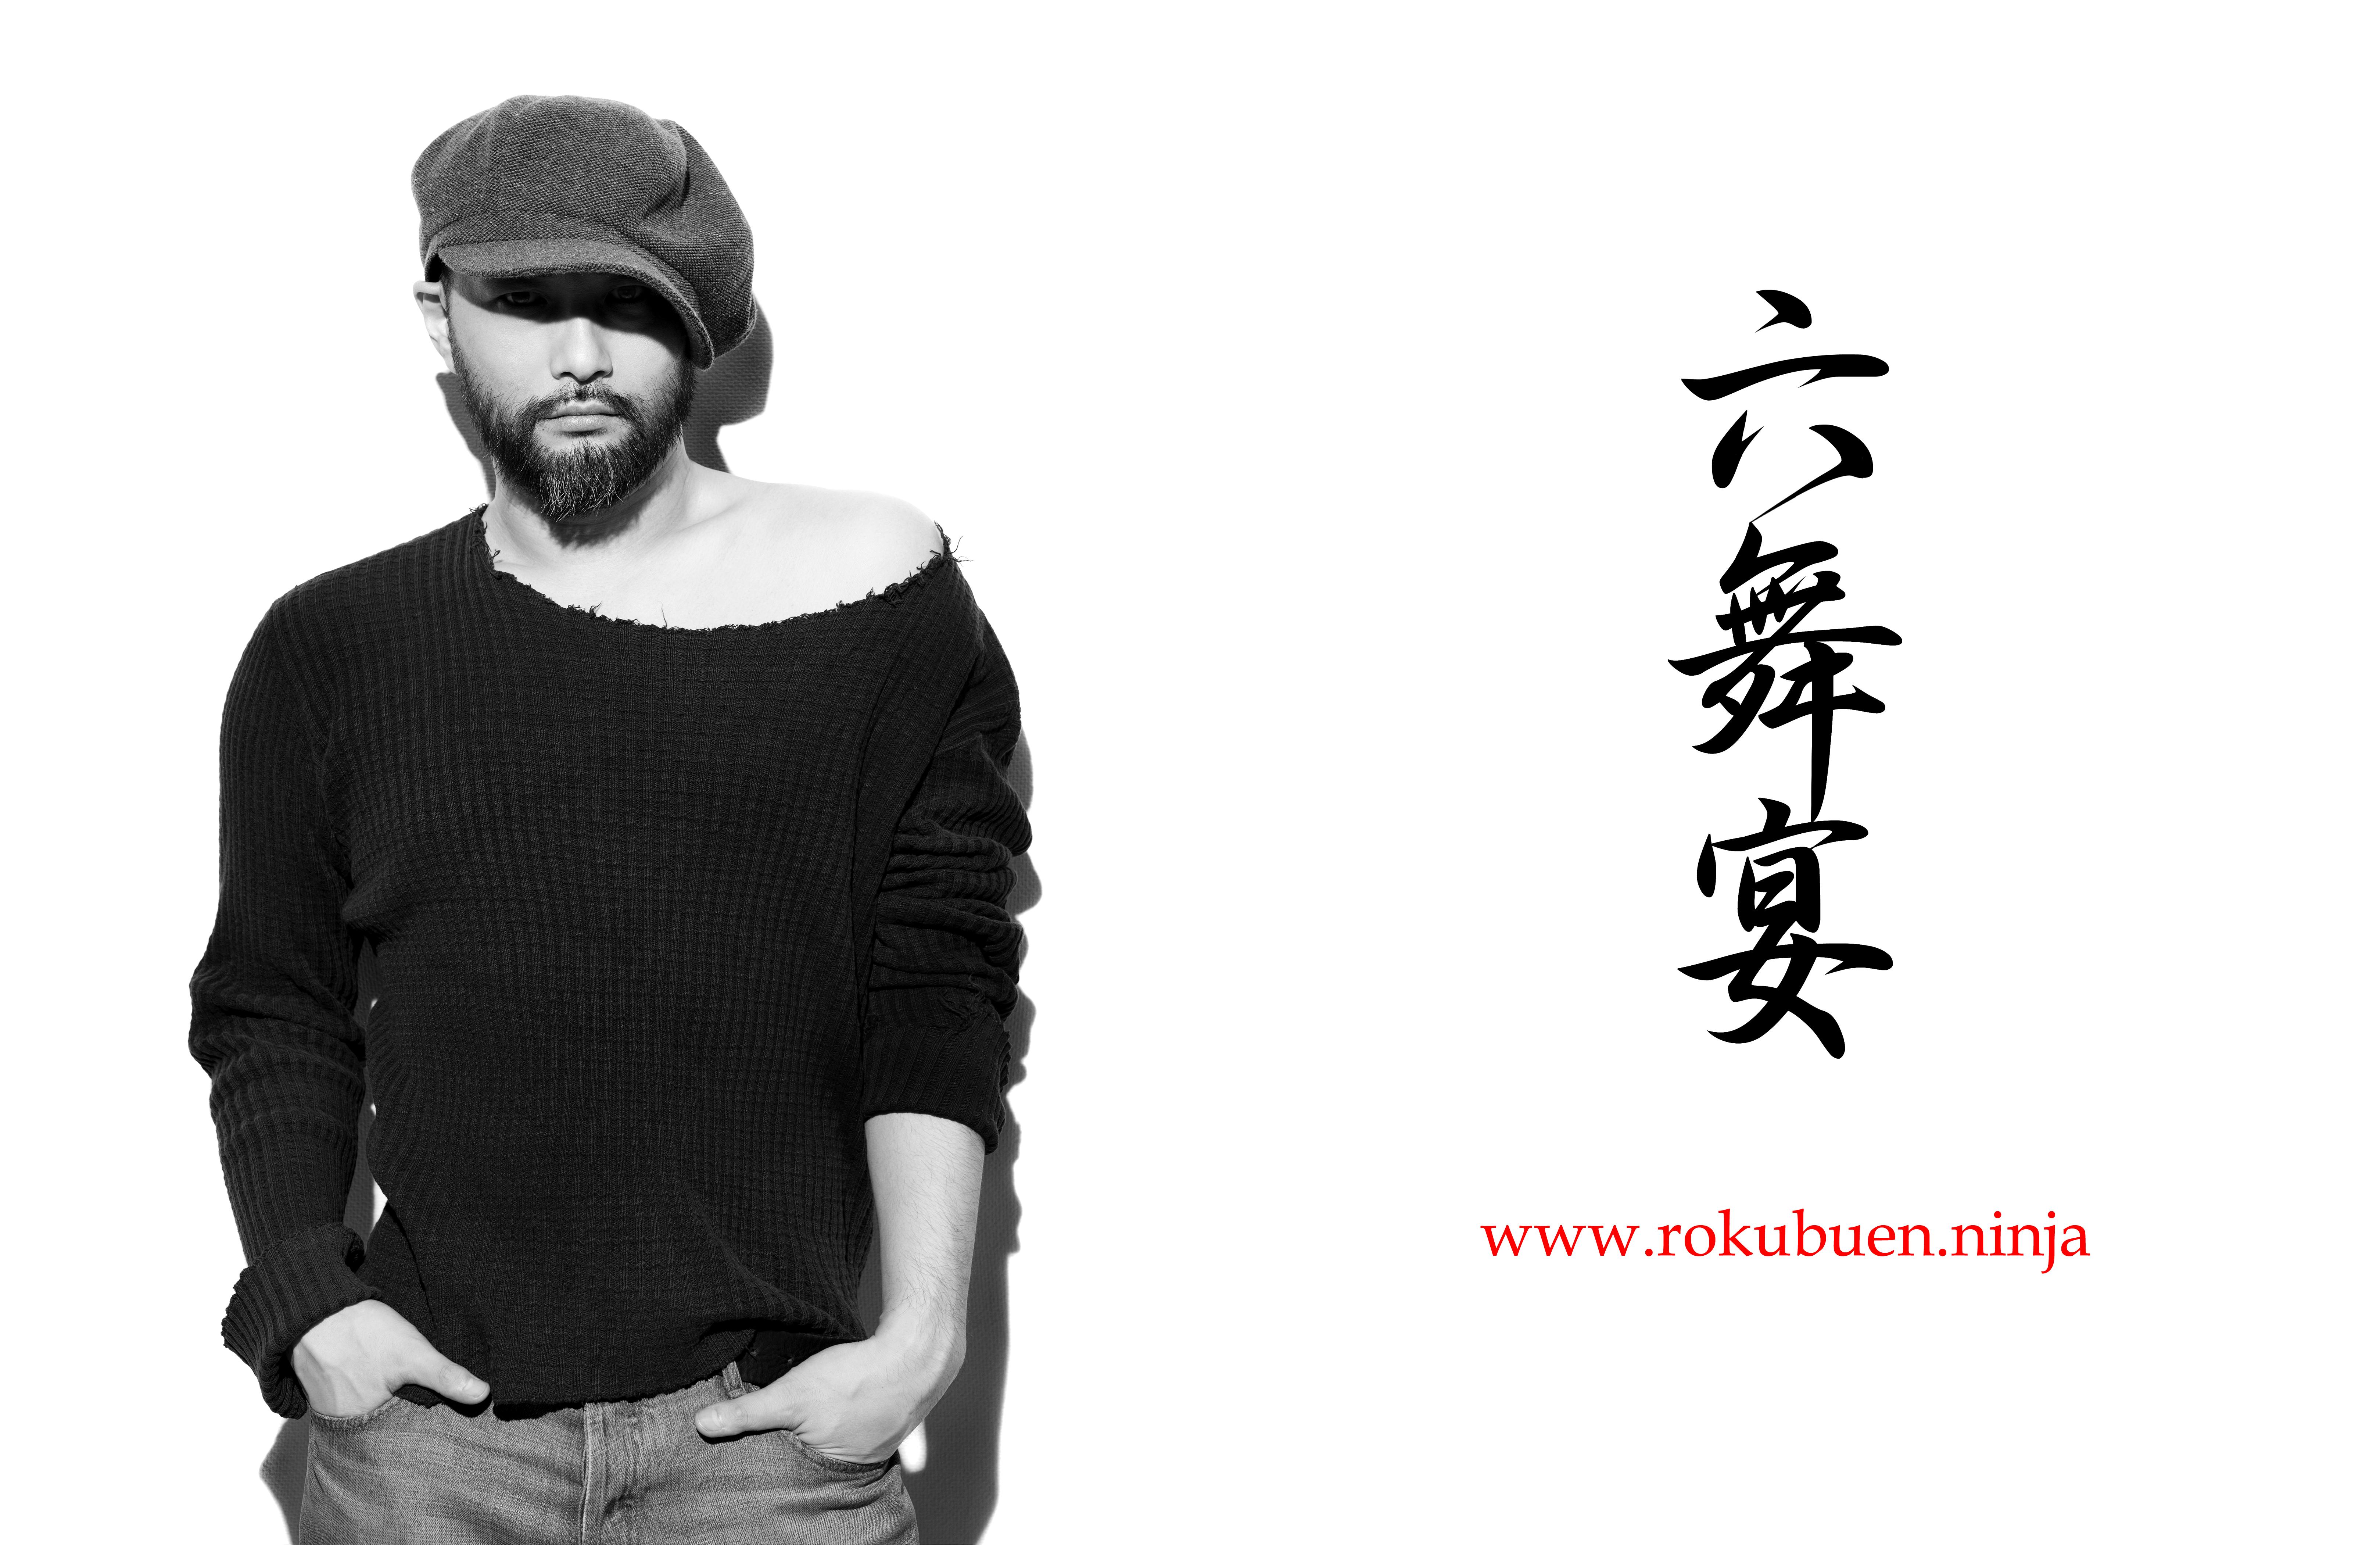 六舞宴 Rokubuen Tokyo Fashion